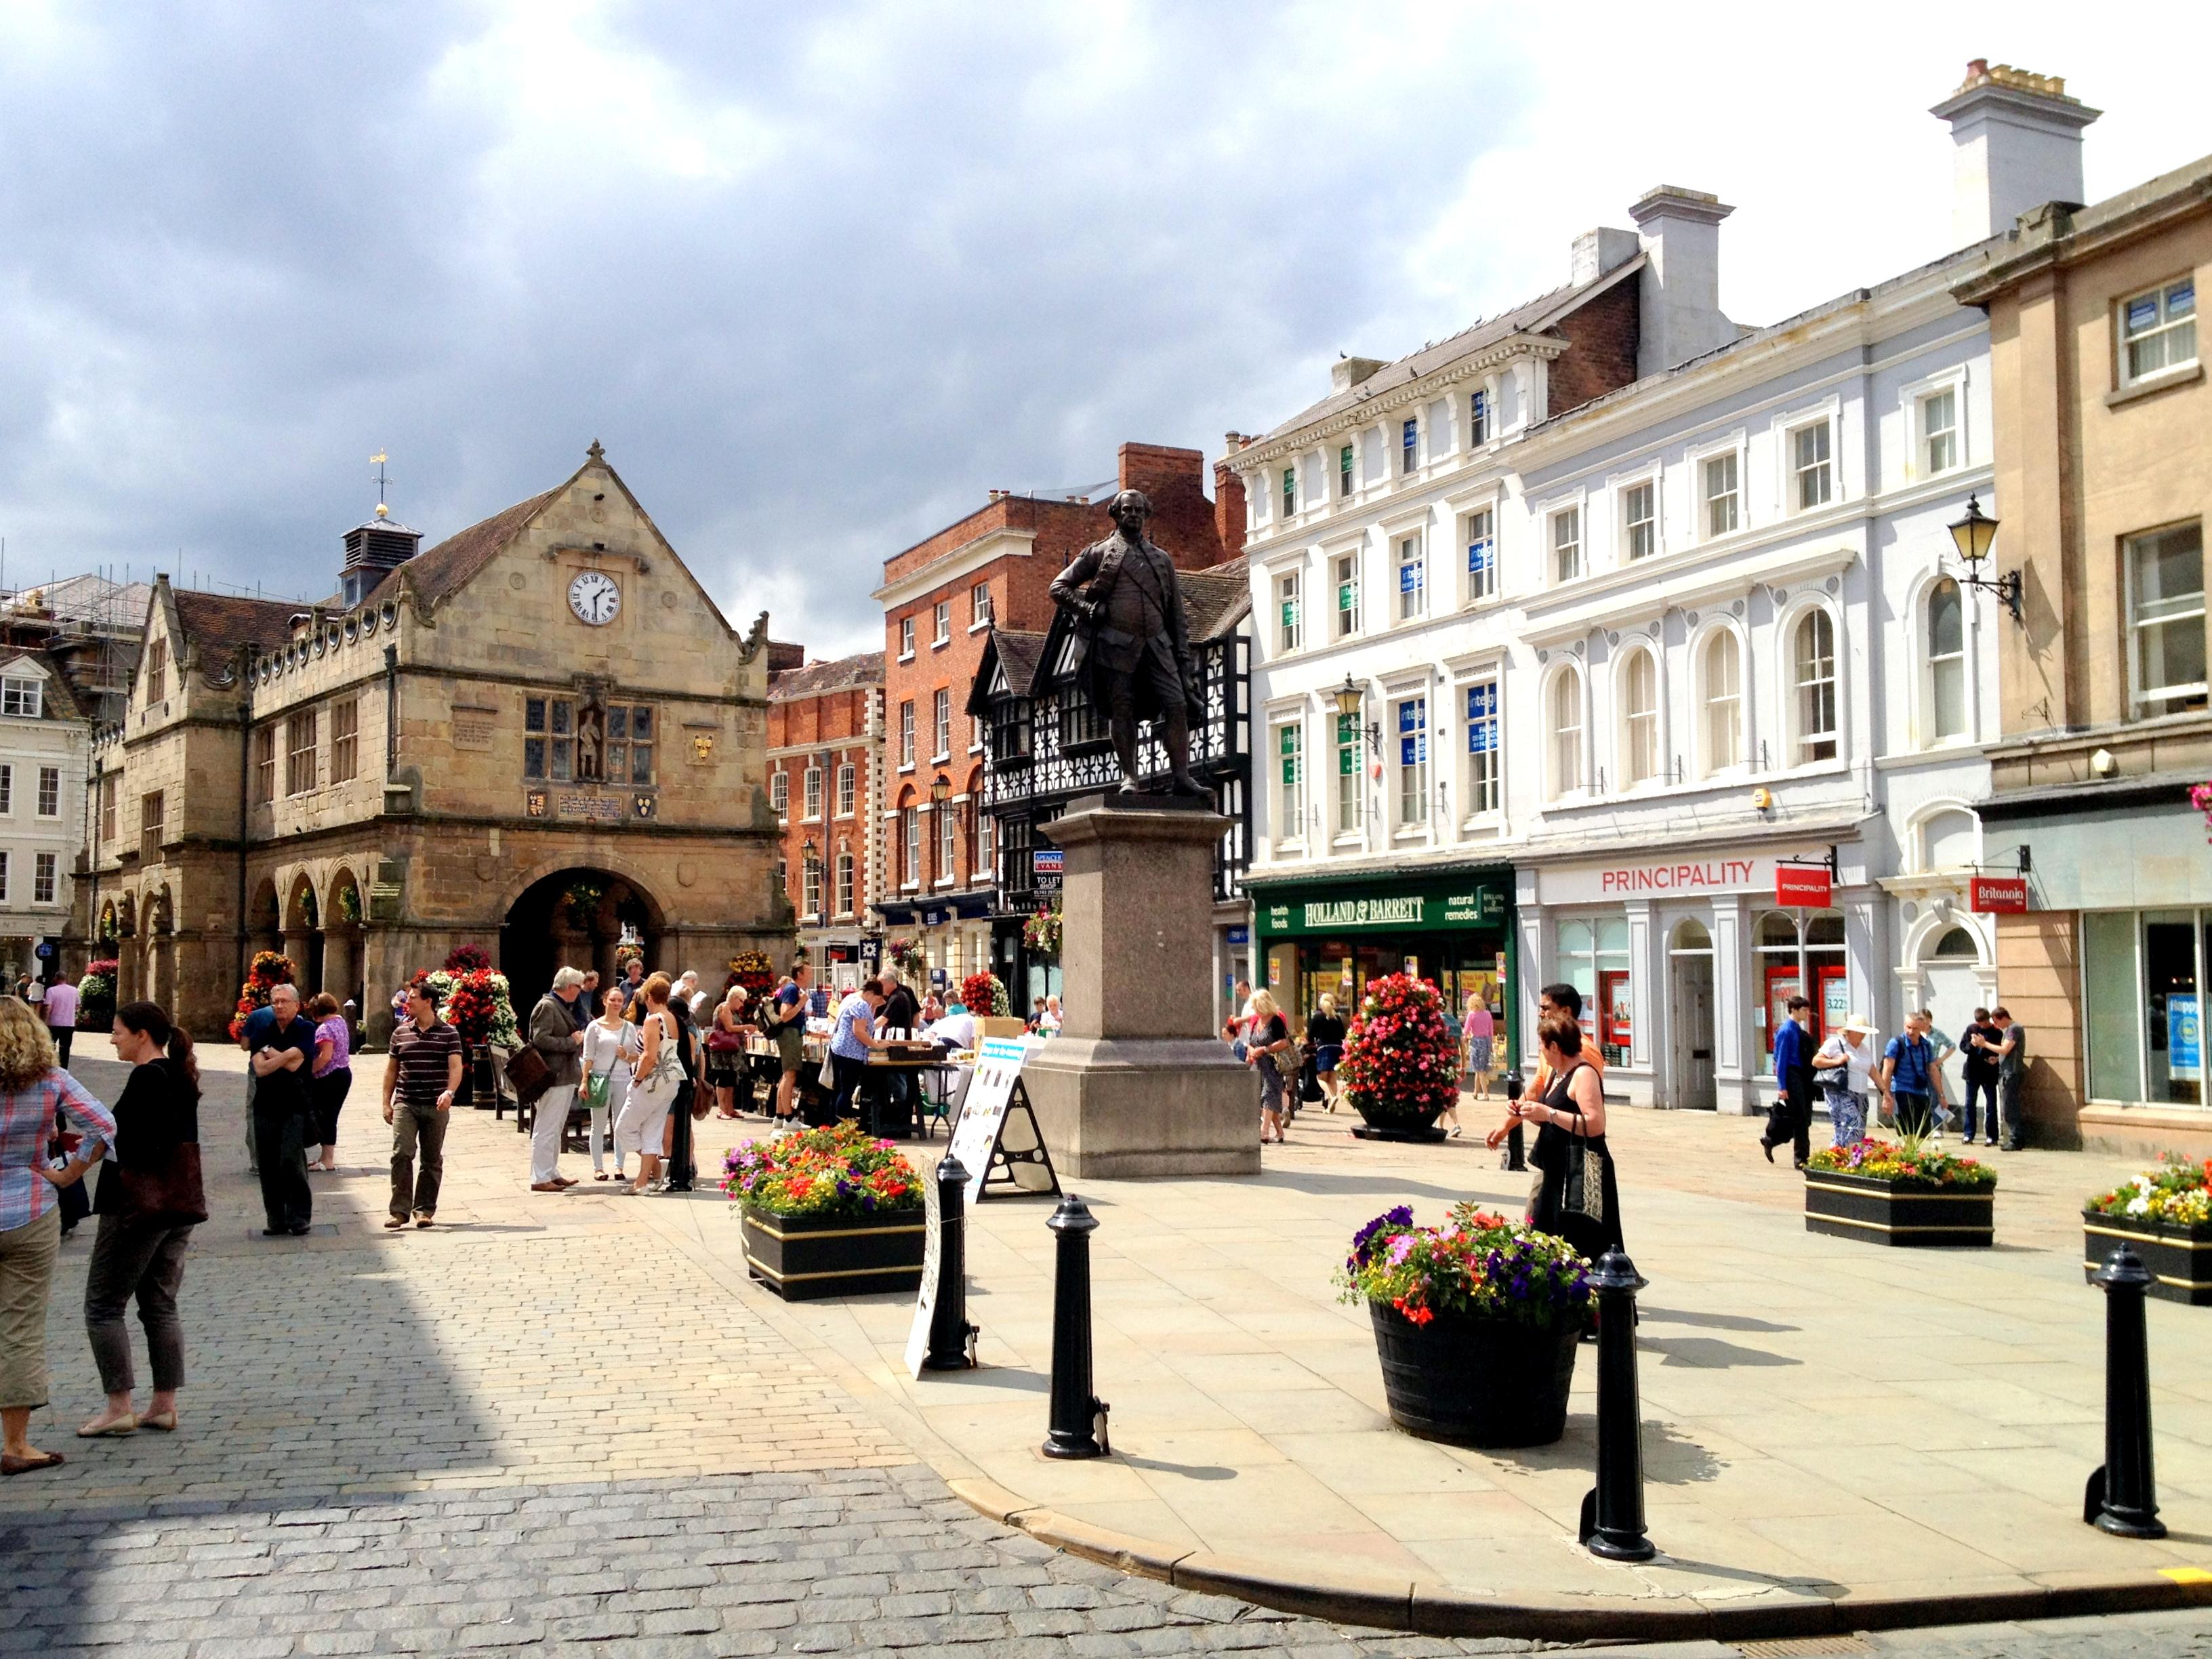 Shrewsbury: the original one off